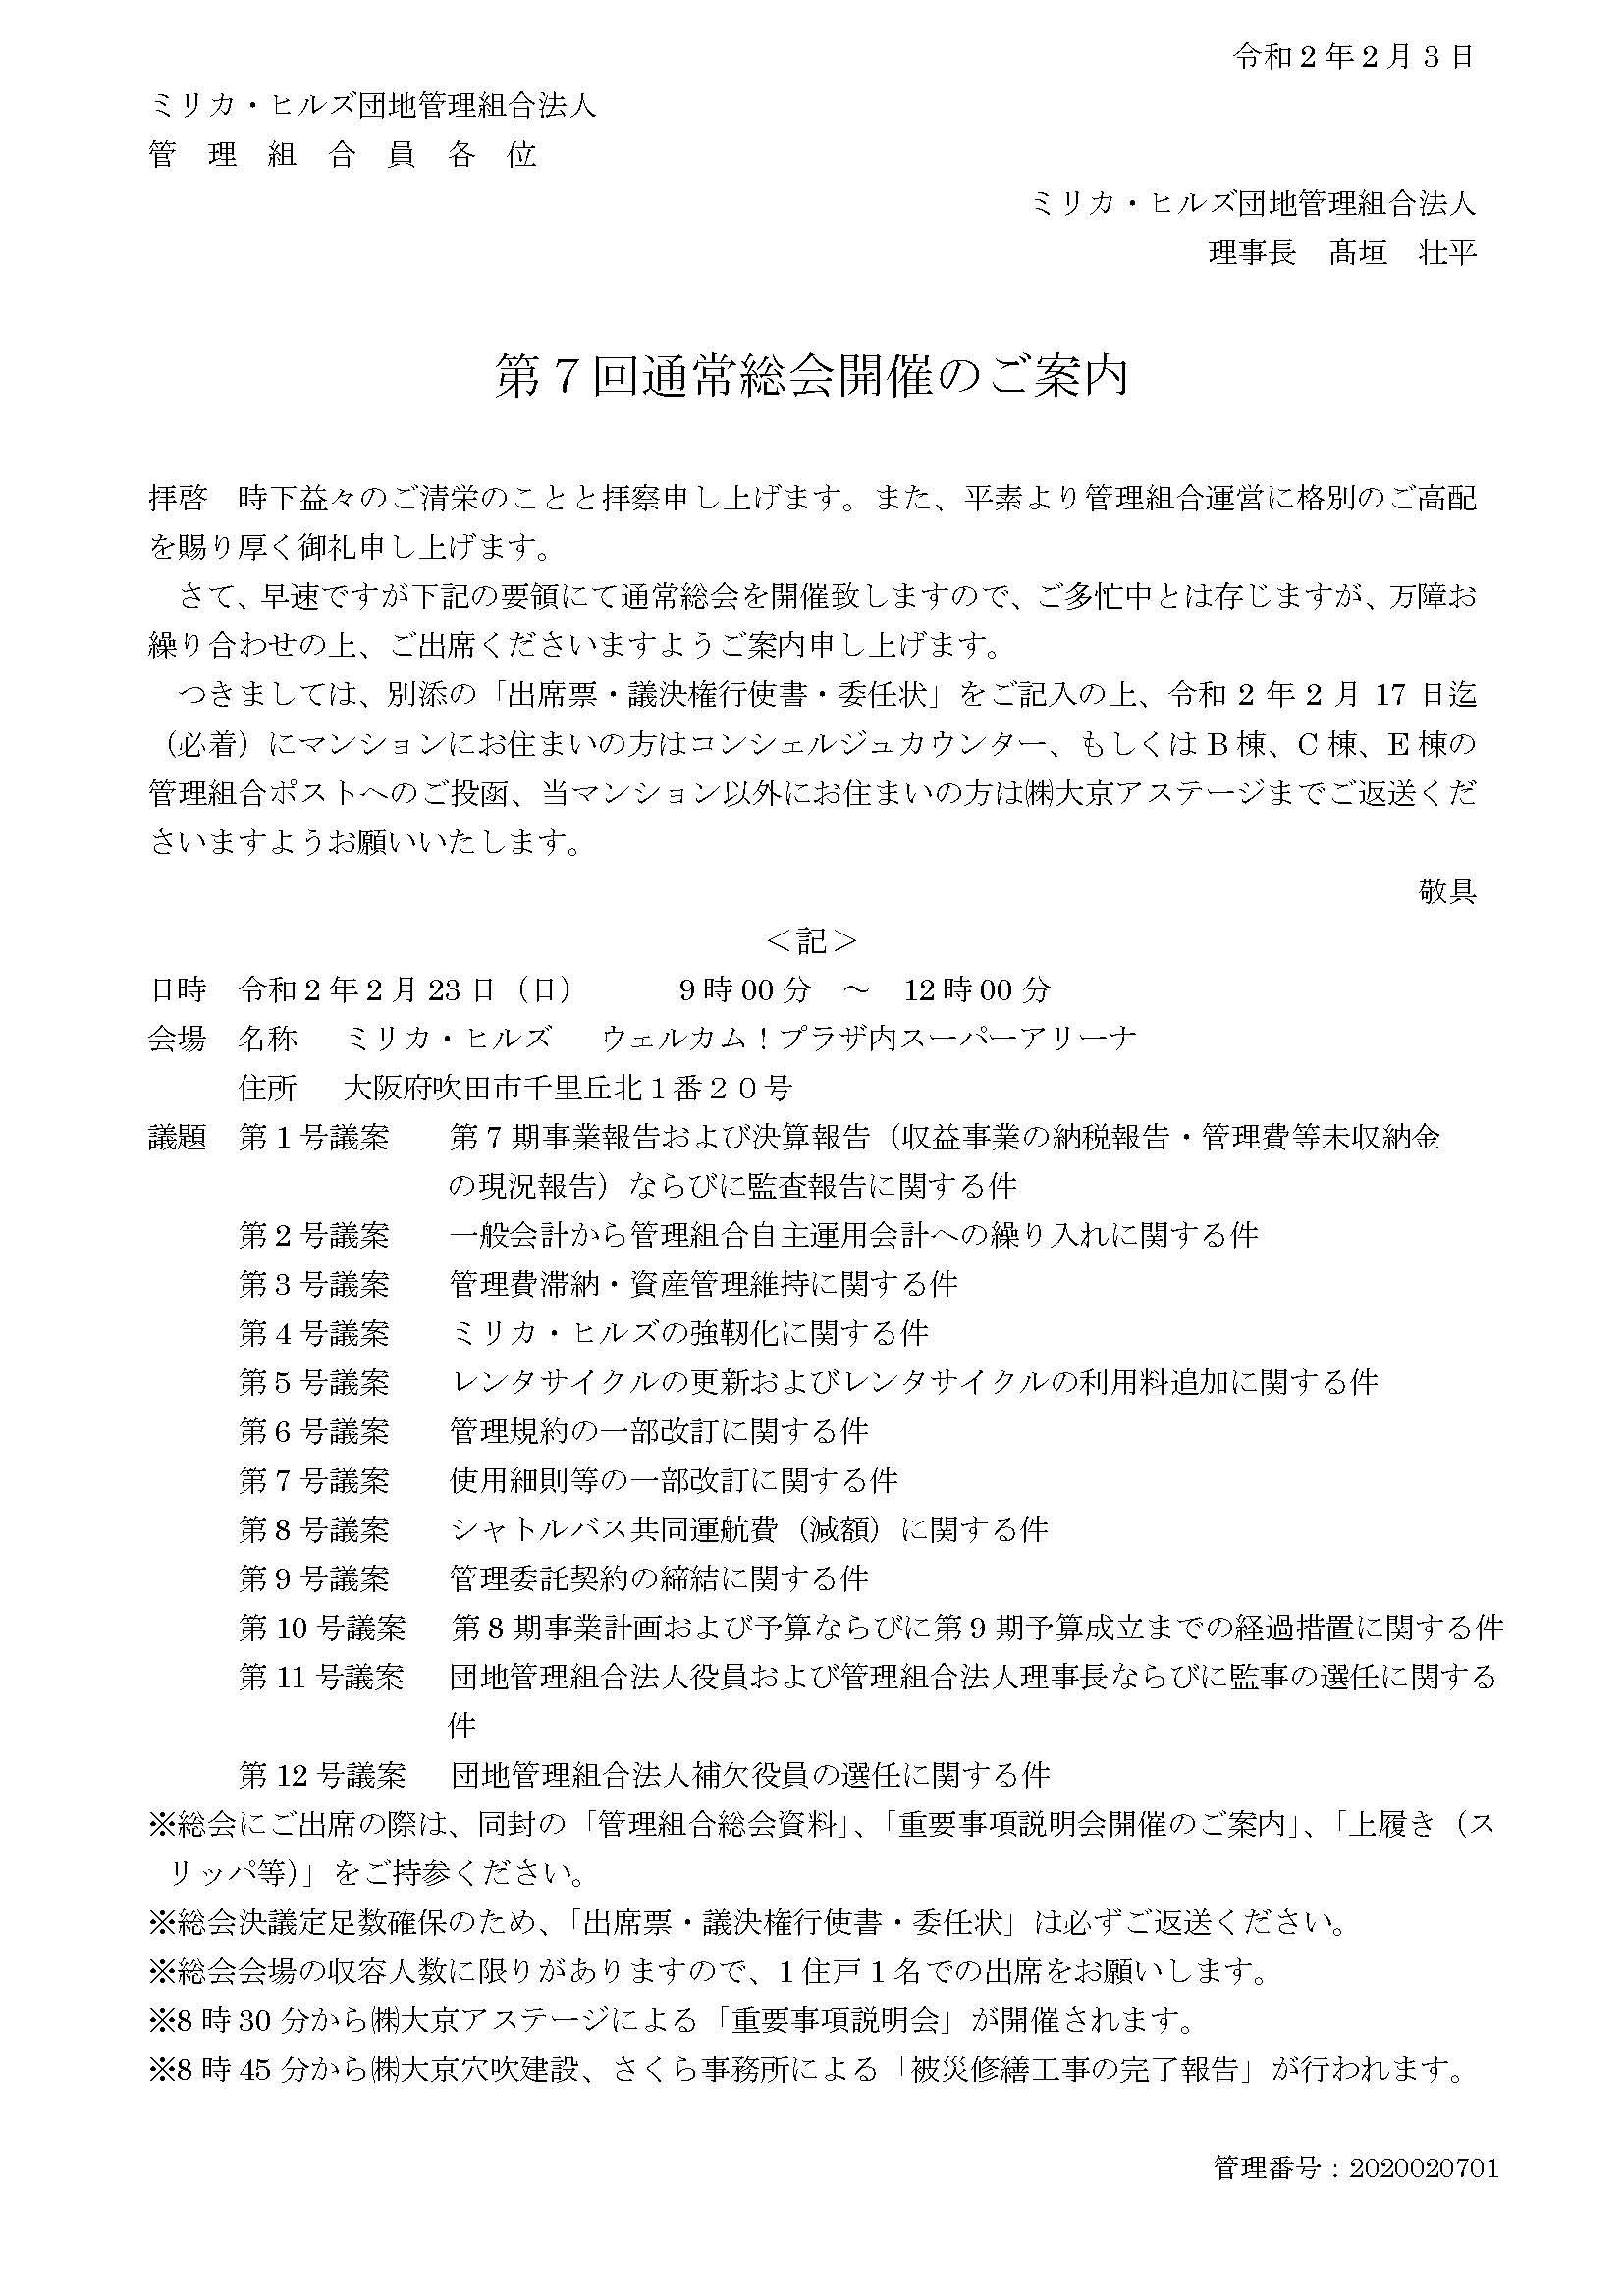 令和2年2月23日(日)に第7回通常総会を開催します。